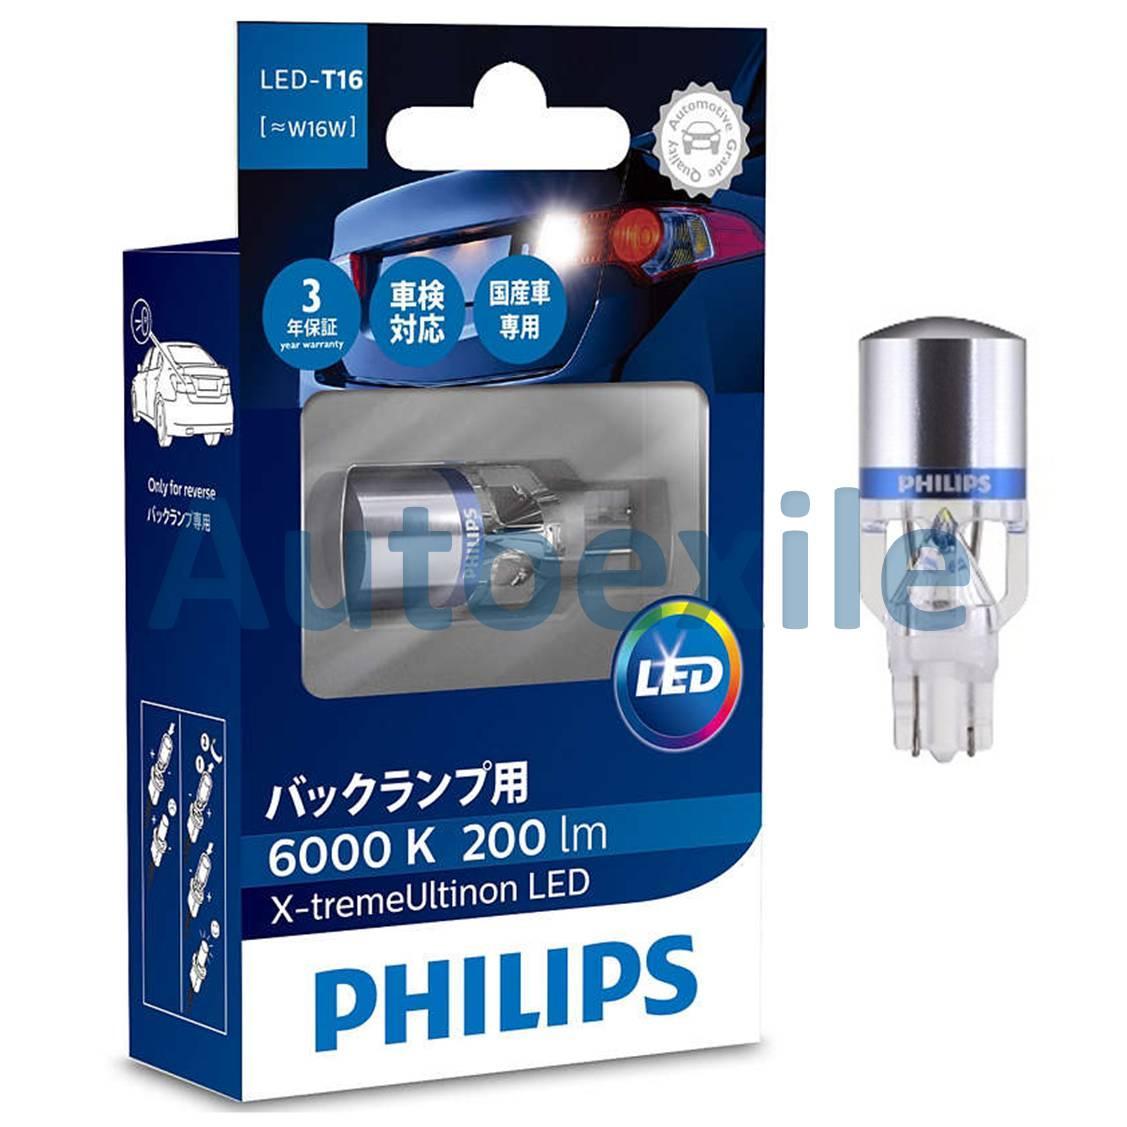 Philips Xtreme Ultinon LED T16 W16W 12V 6000K Putih X-treme - Lampu Mundur Reverse Mobil